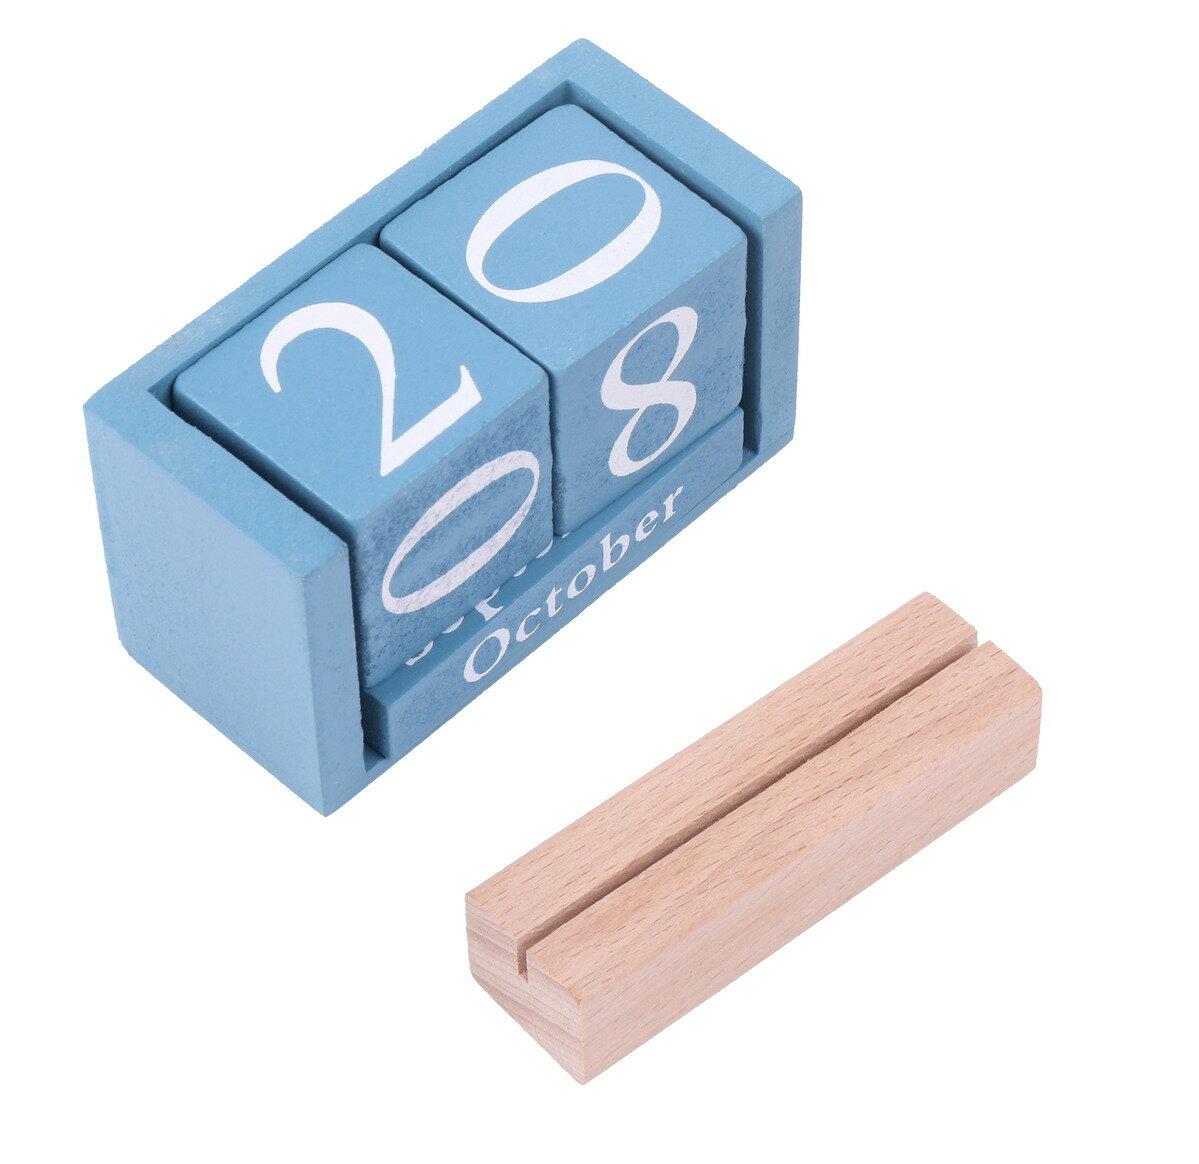 木製 万年カレンダー ナチュラル ウッド & カードスタンド インテリア おしゃれ ブロック 卓上 ブルー 【送料無料】mri-c24